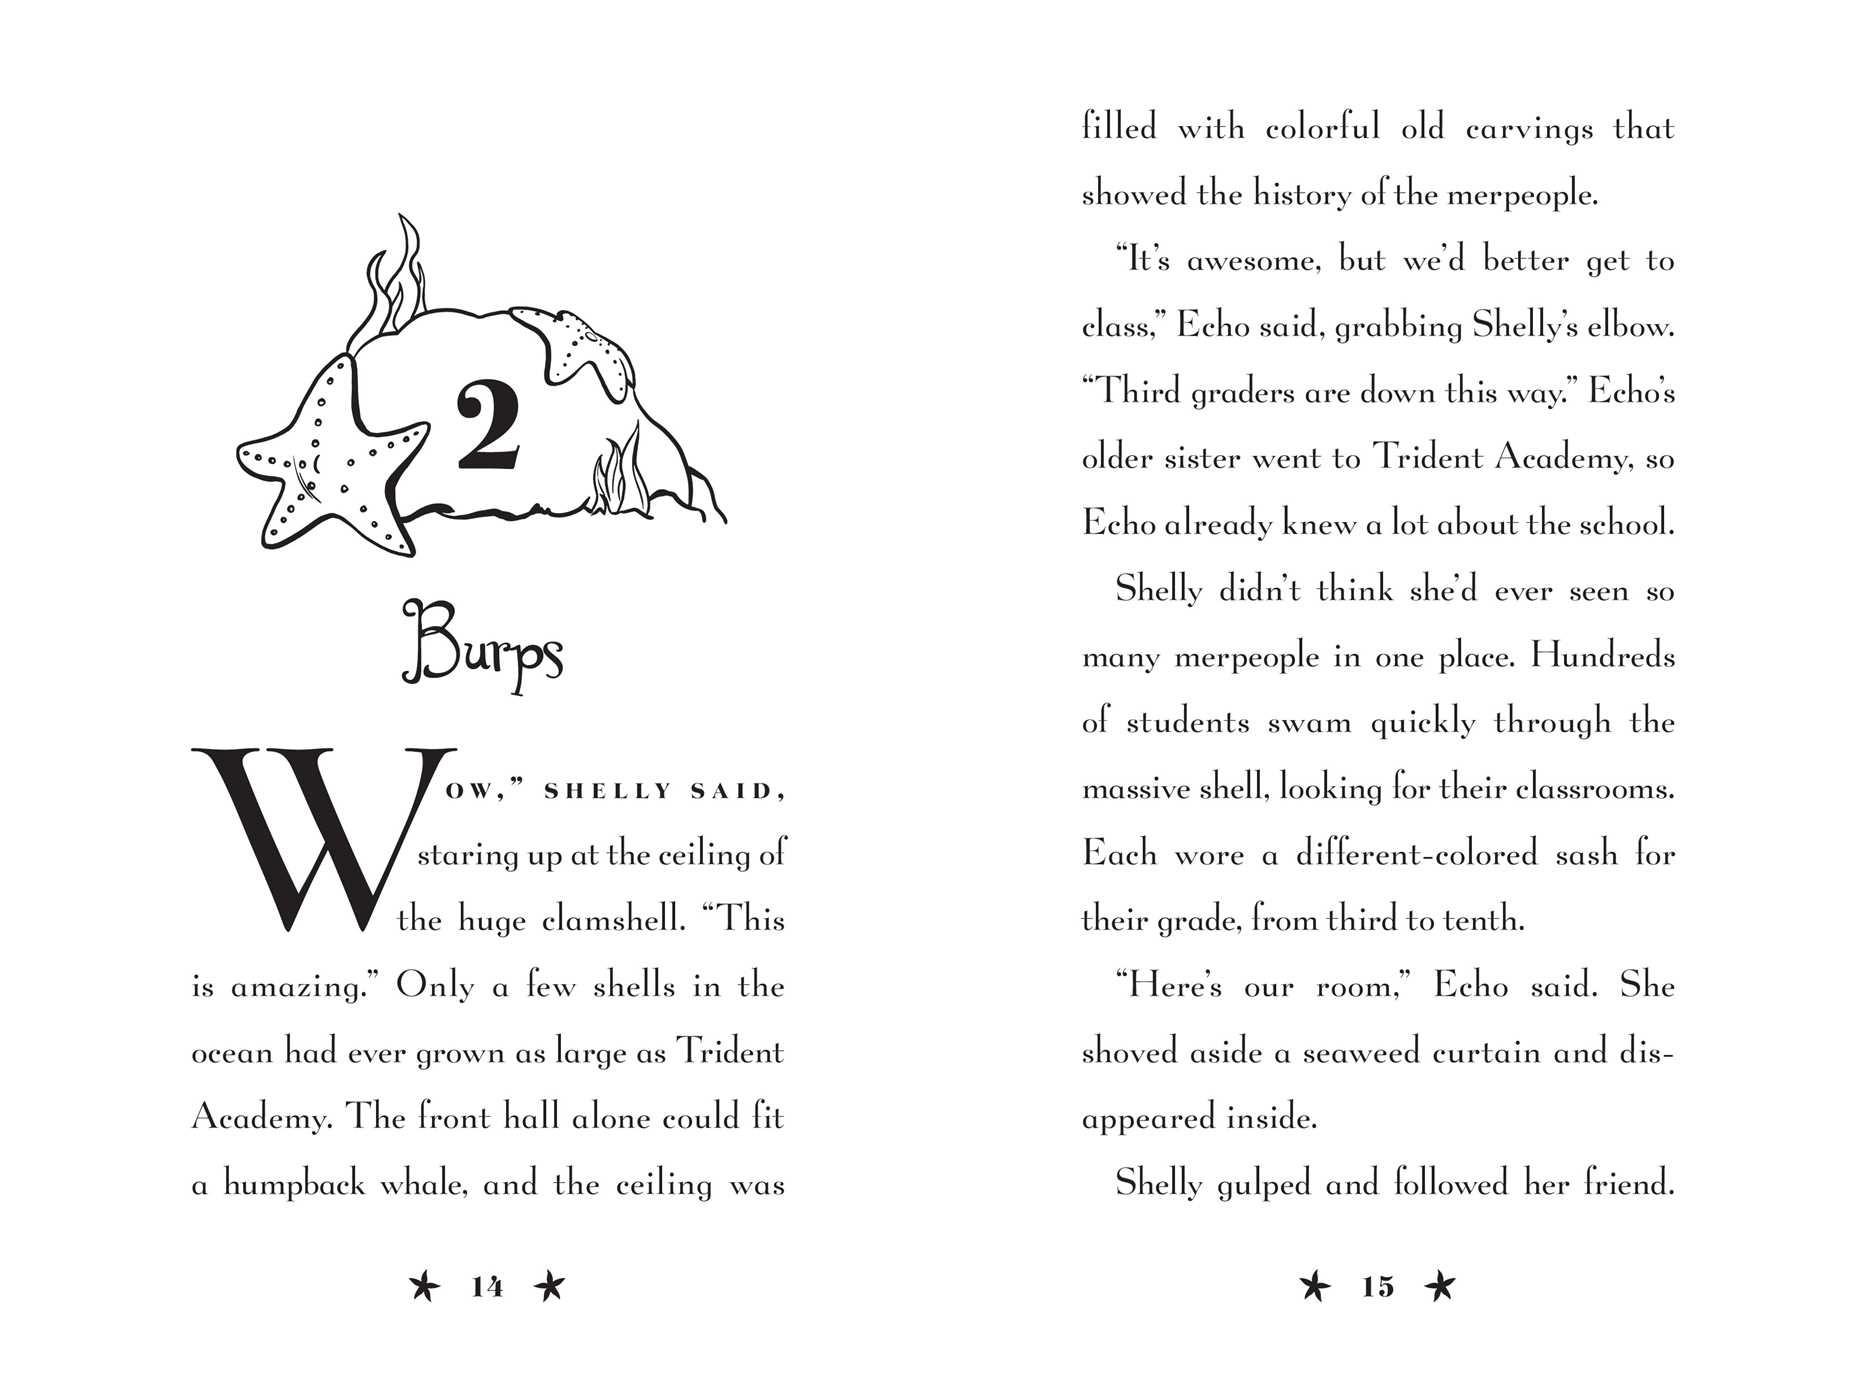 Mermaid tales 4 books in 1 9781481475921.in05